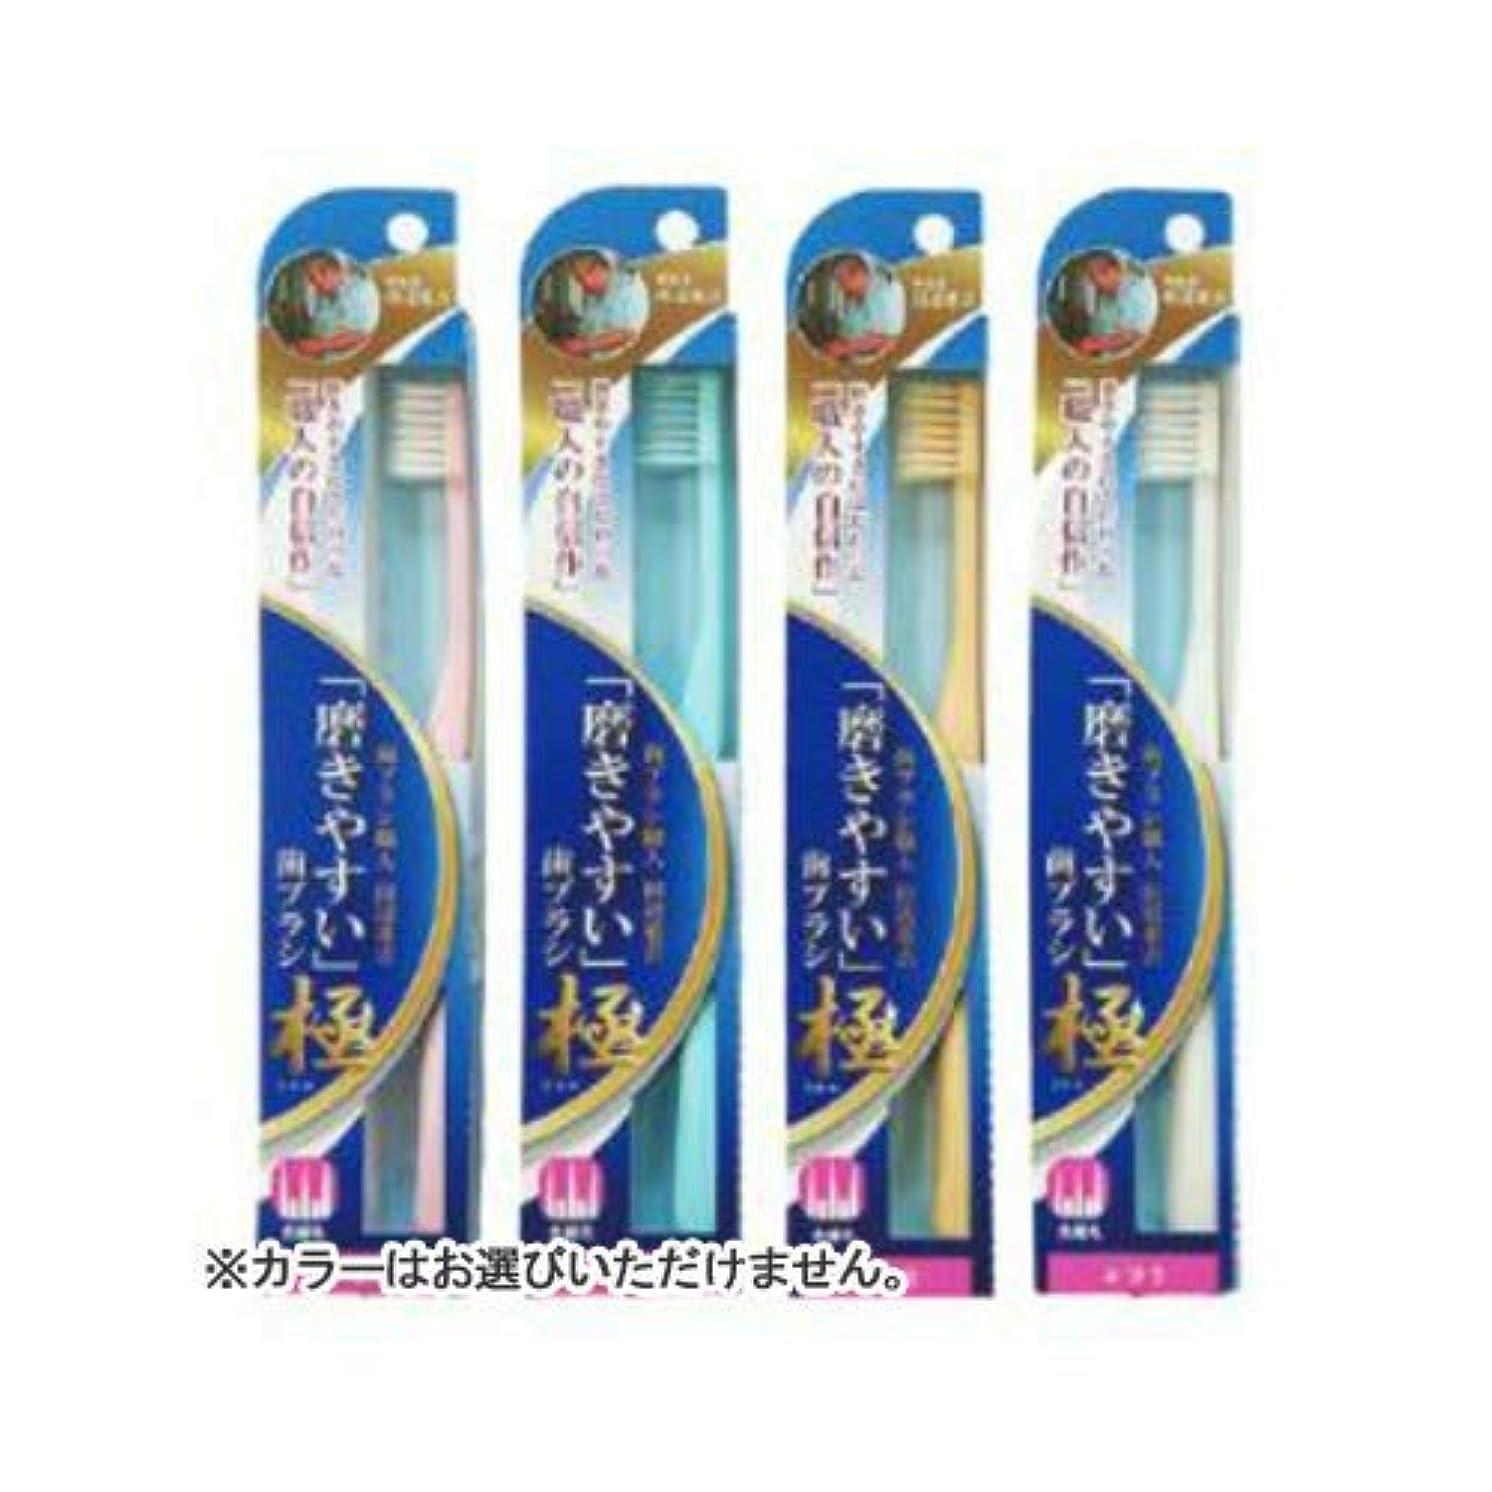 ディンカルビル許さない暗くするLT-44磨きやすい歯ブラシ極 ふつう × 240個セット